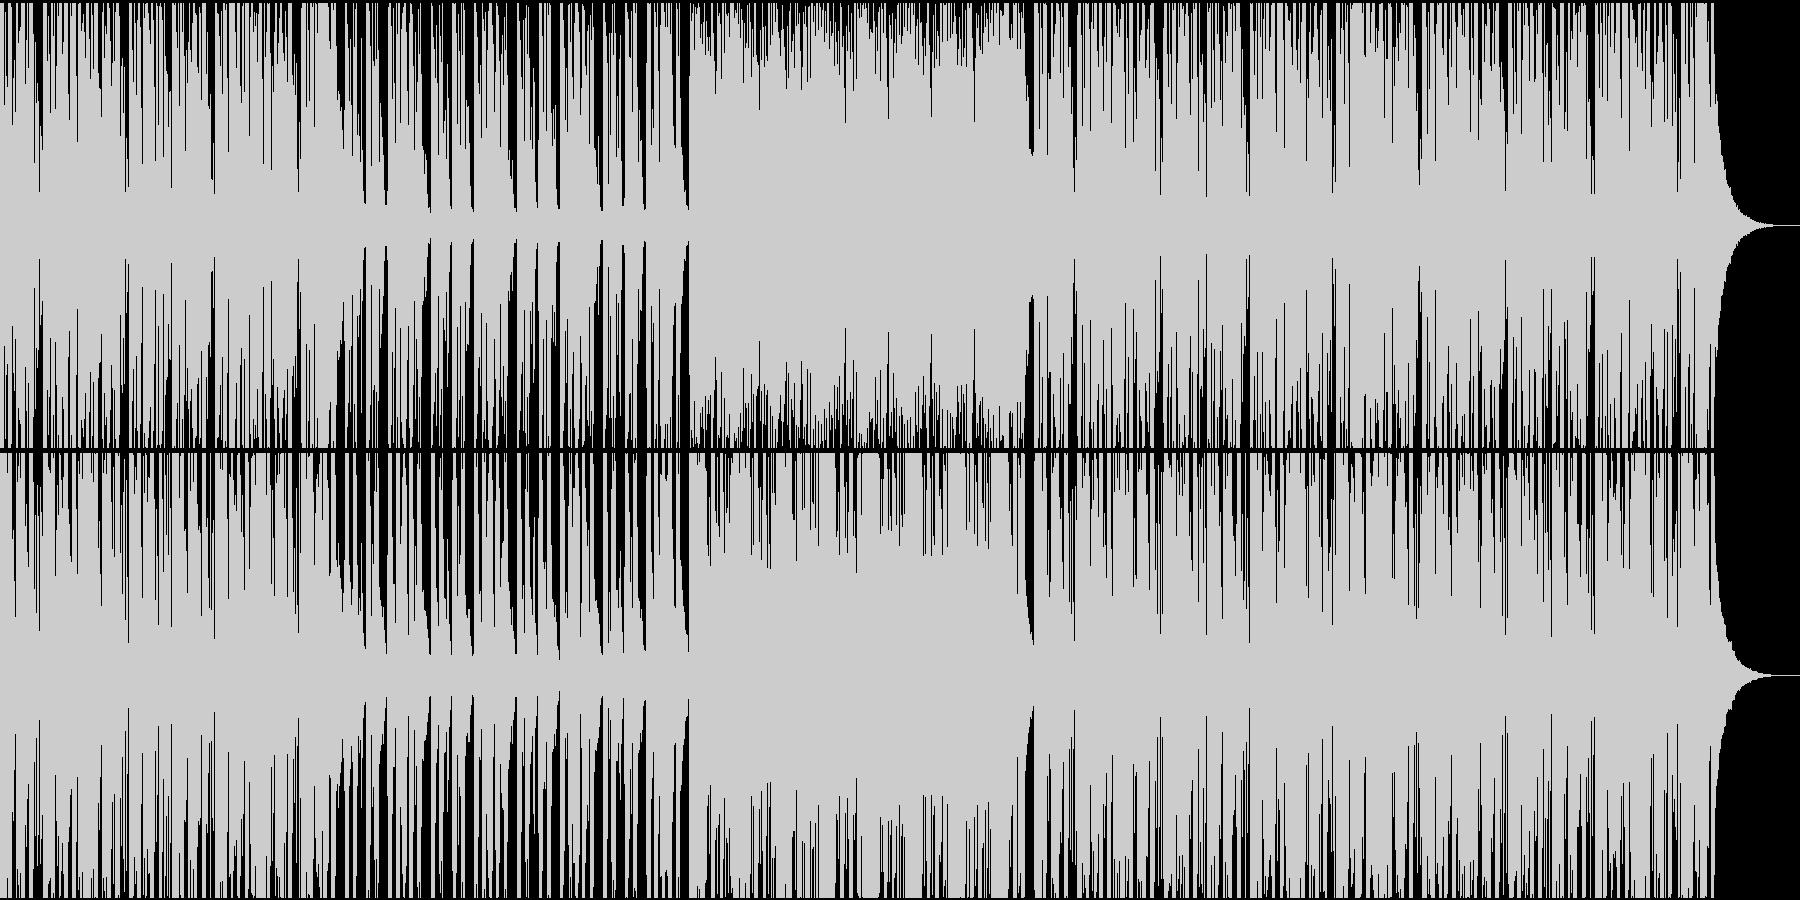 生演奏のギターカッティングが主体の曲の未再生の波形